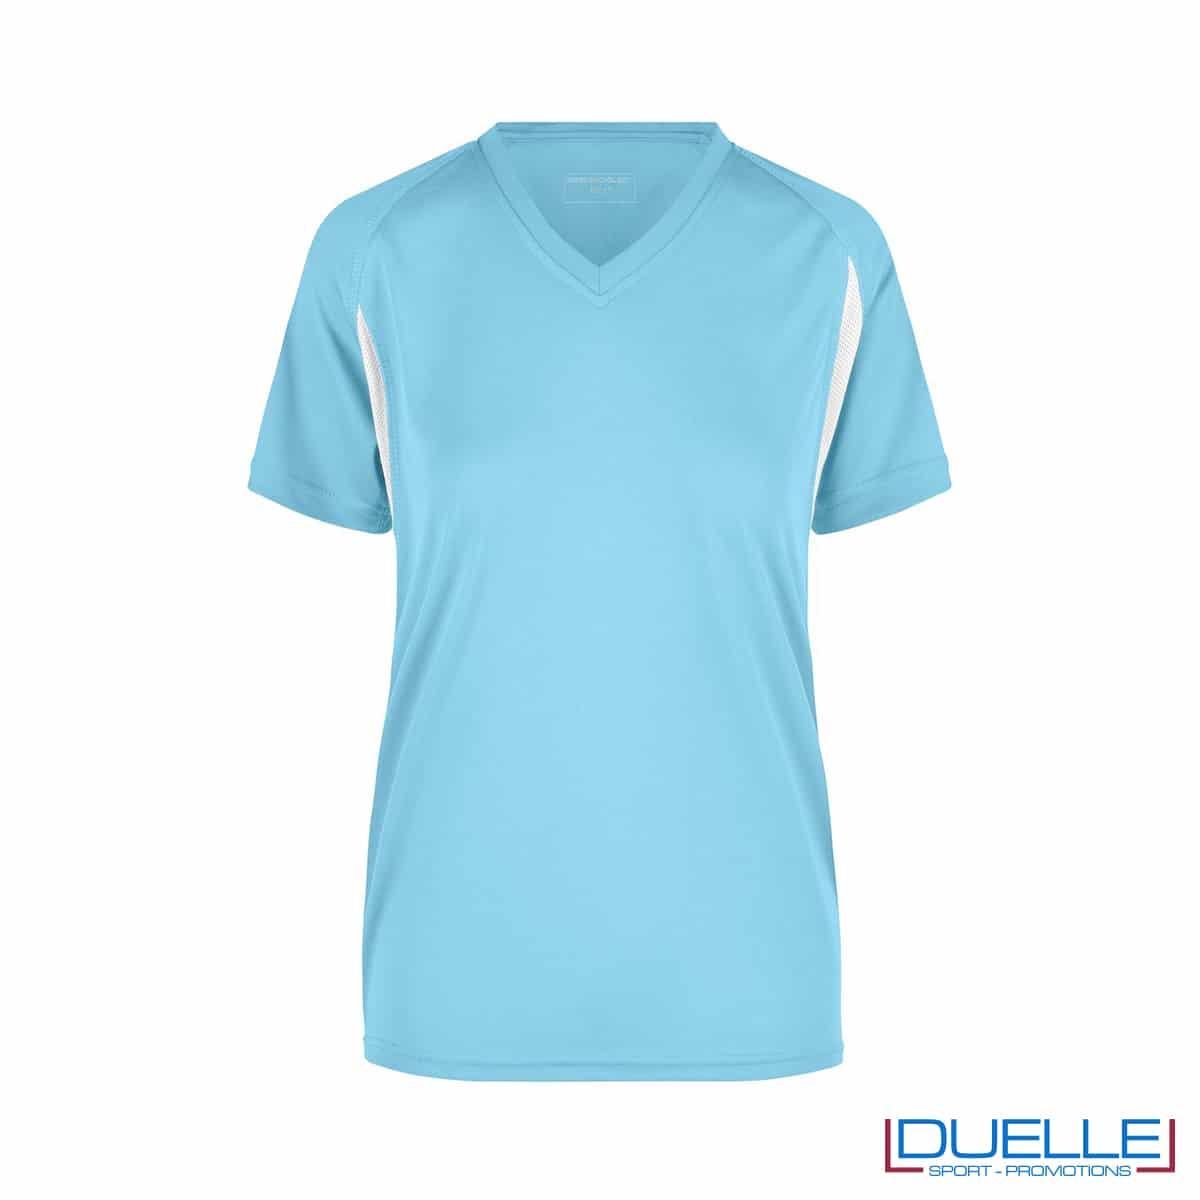 T-shirt running donna personalizzata colore celeste-bianco